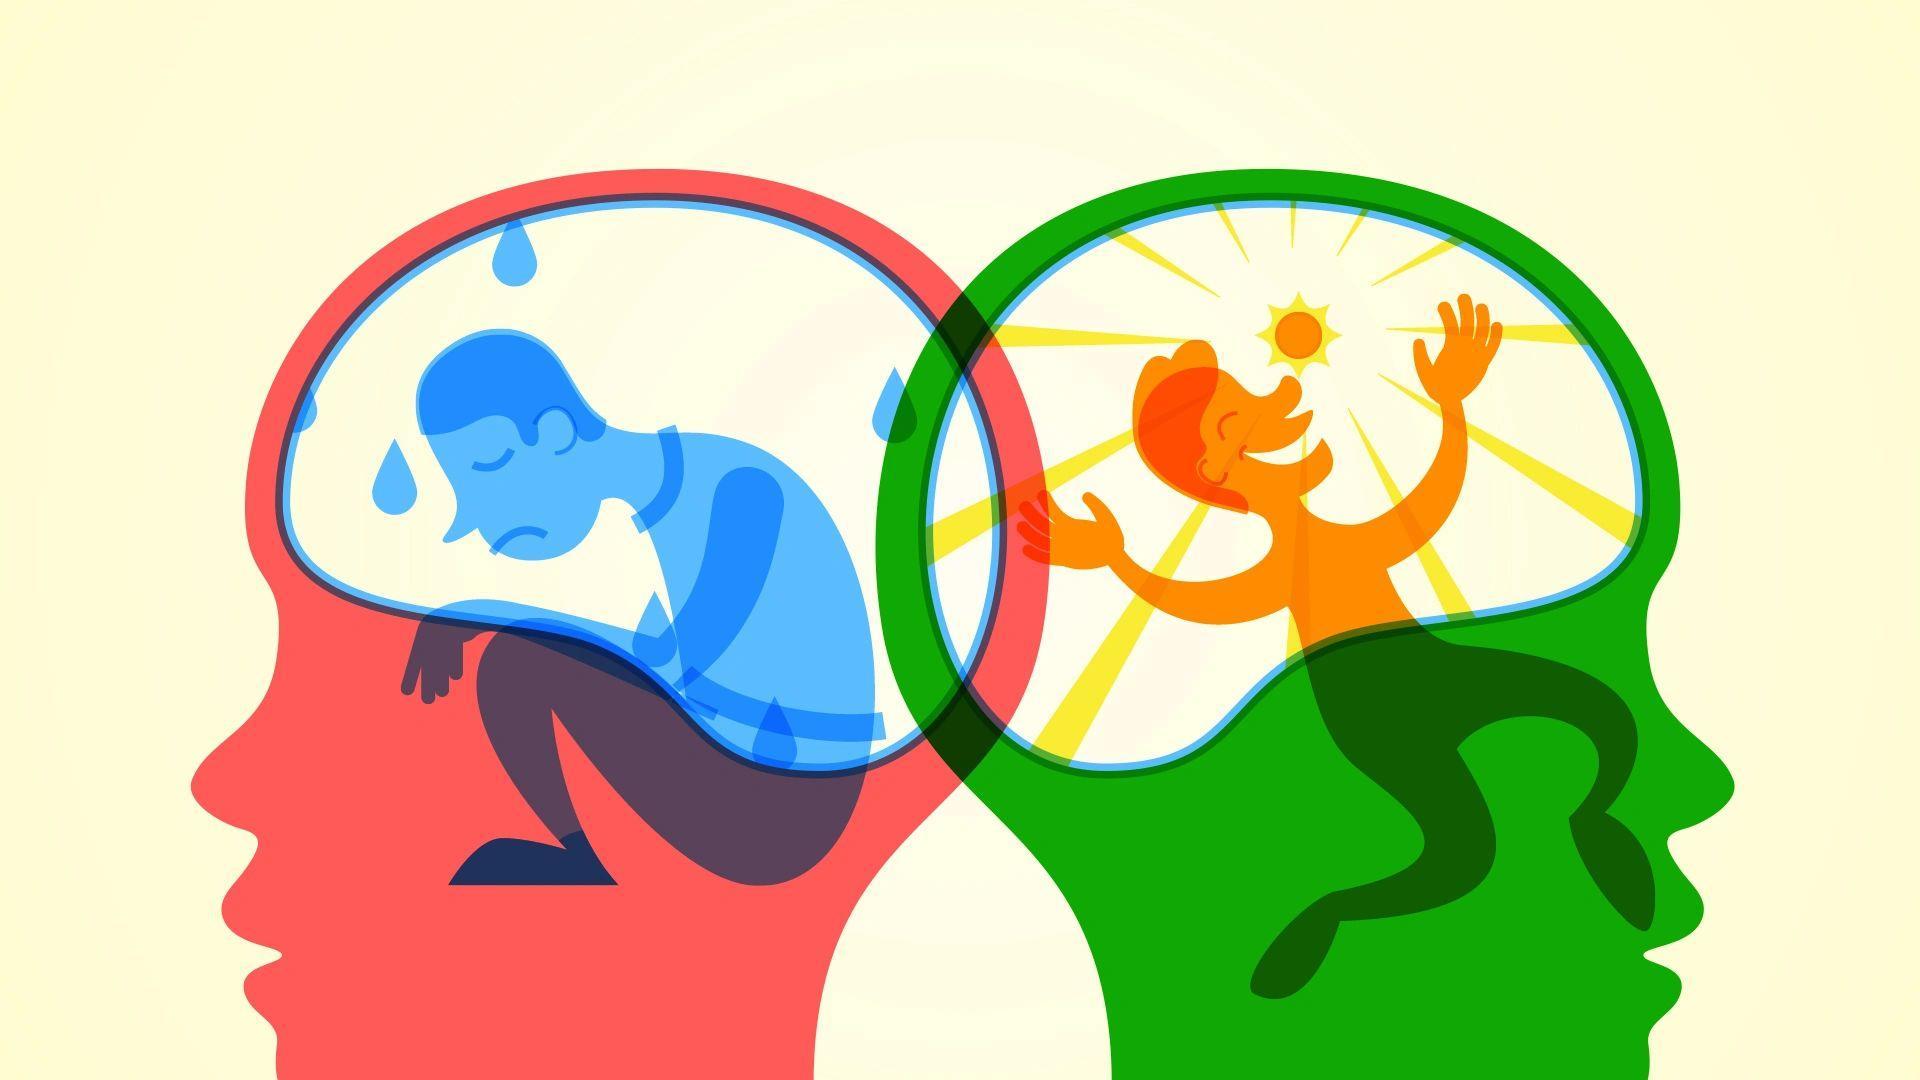 Биполярное аффективное расстройство заняло новое место в мозге